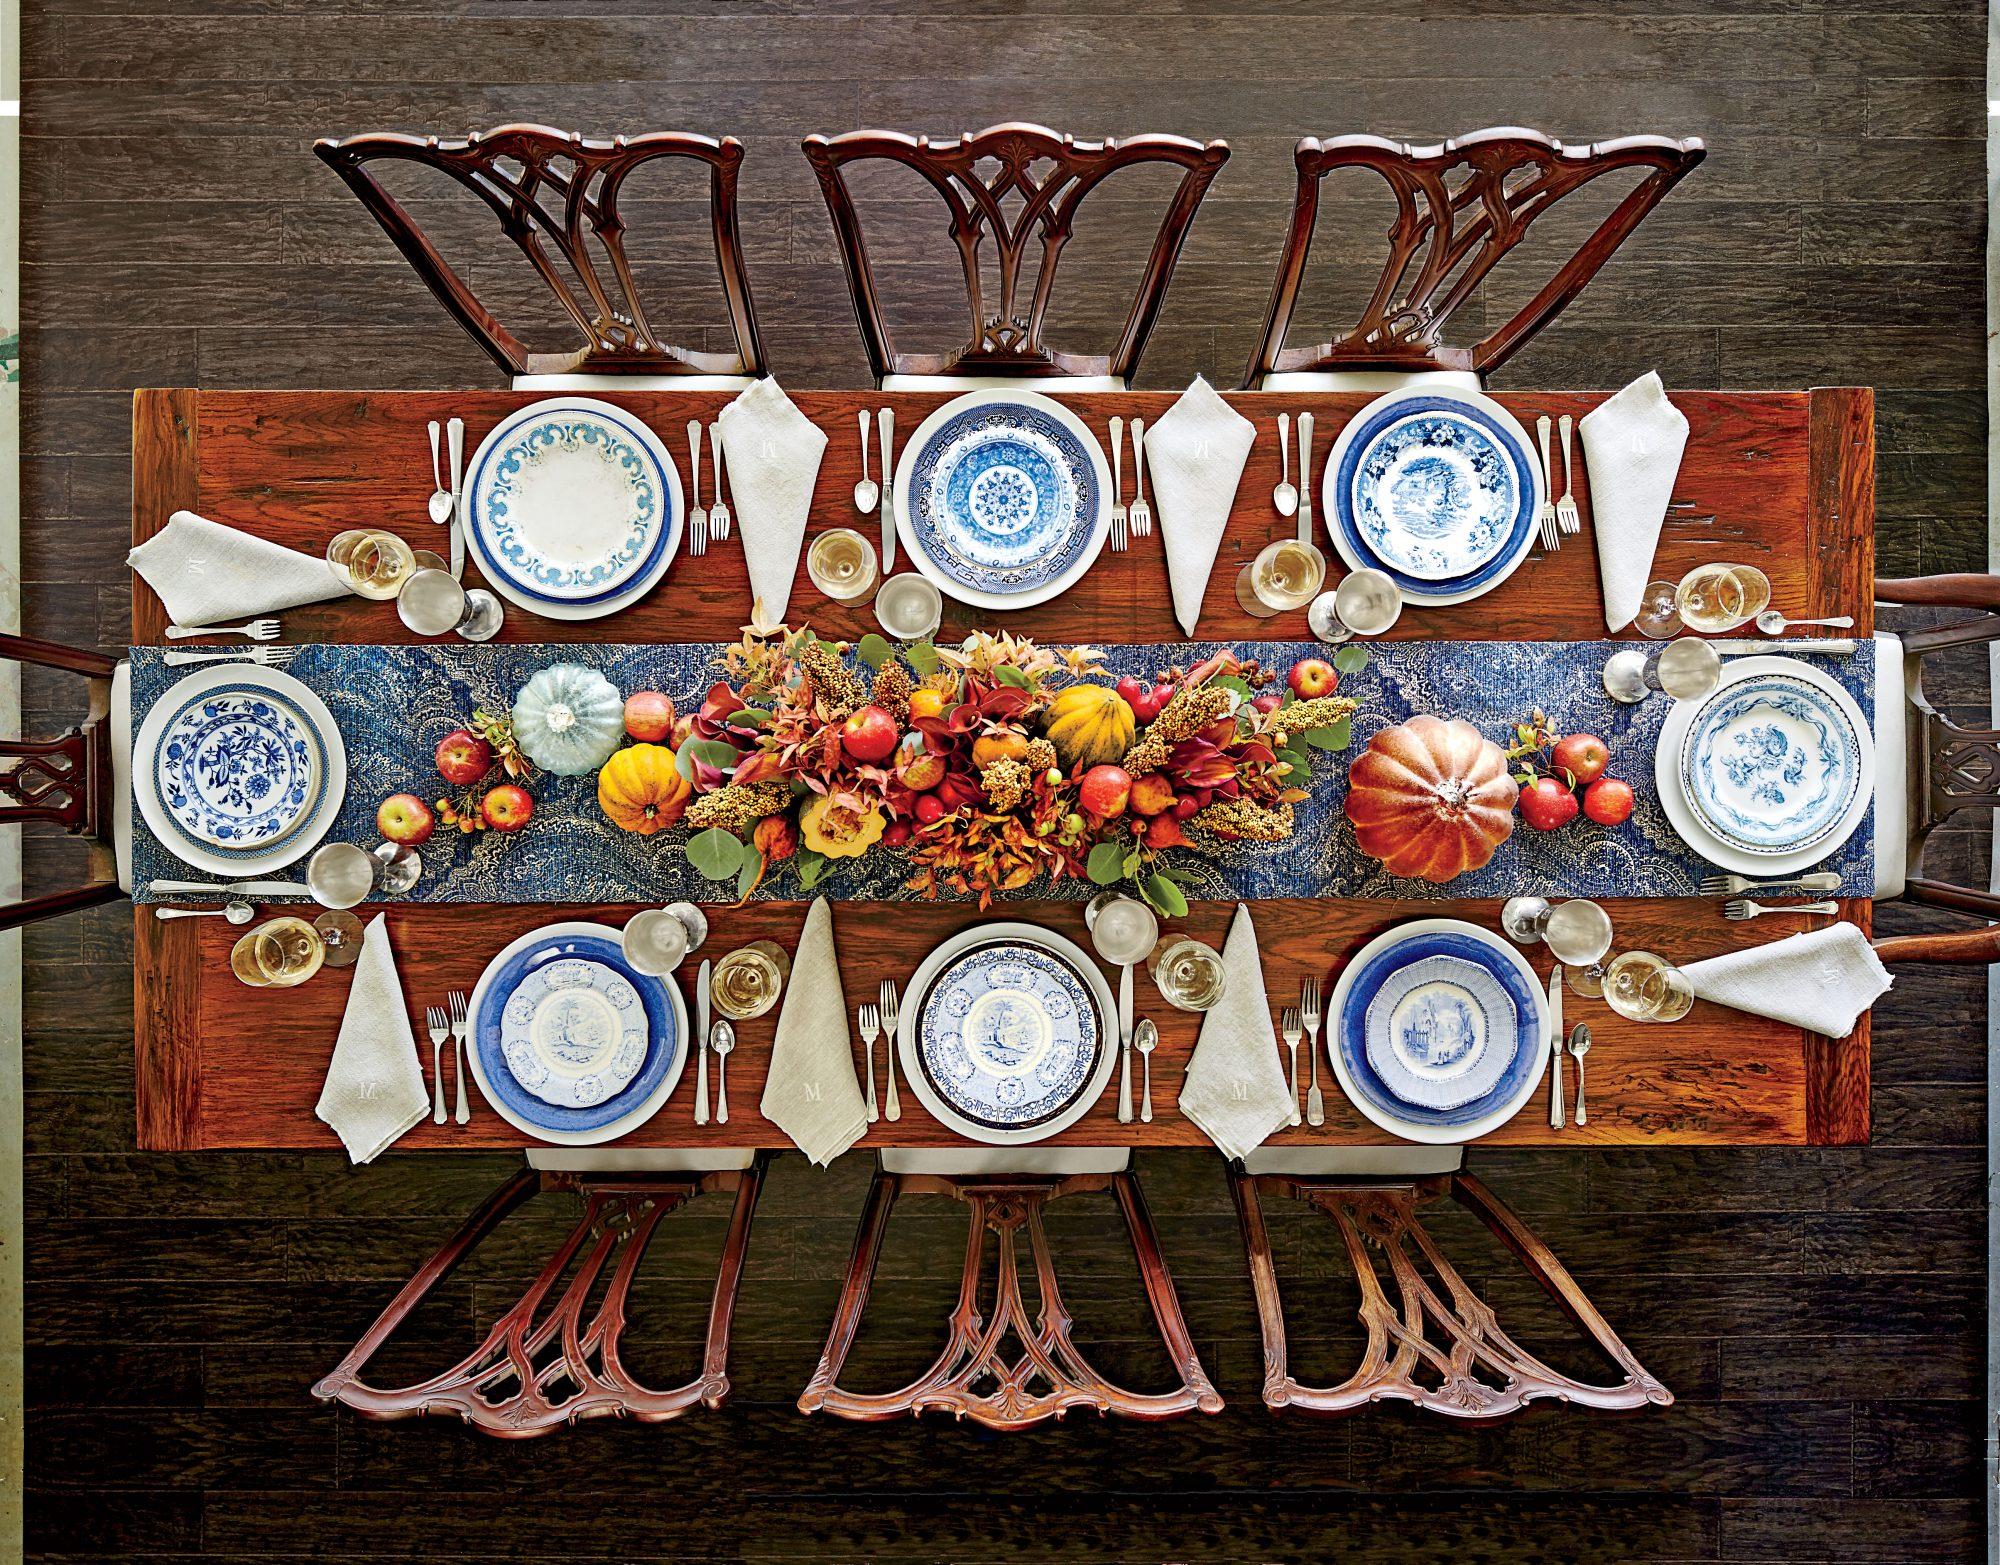 طرح میزآرایی برای میز چوبی